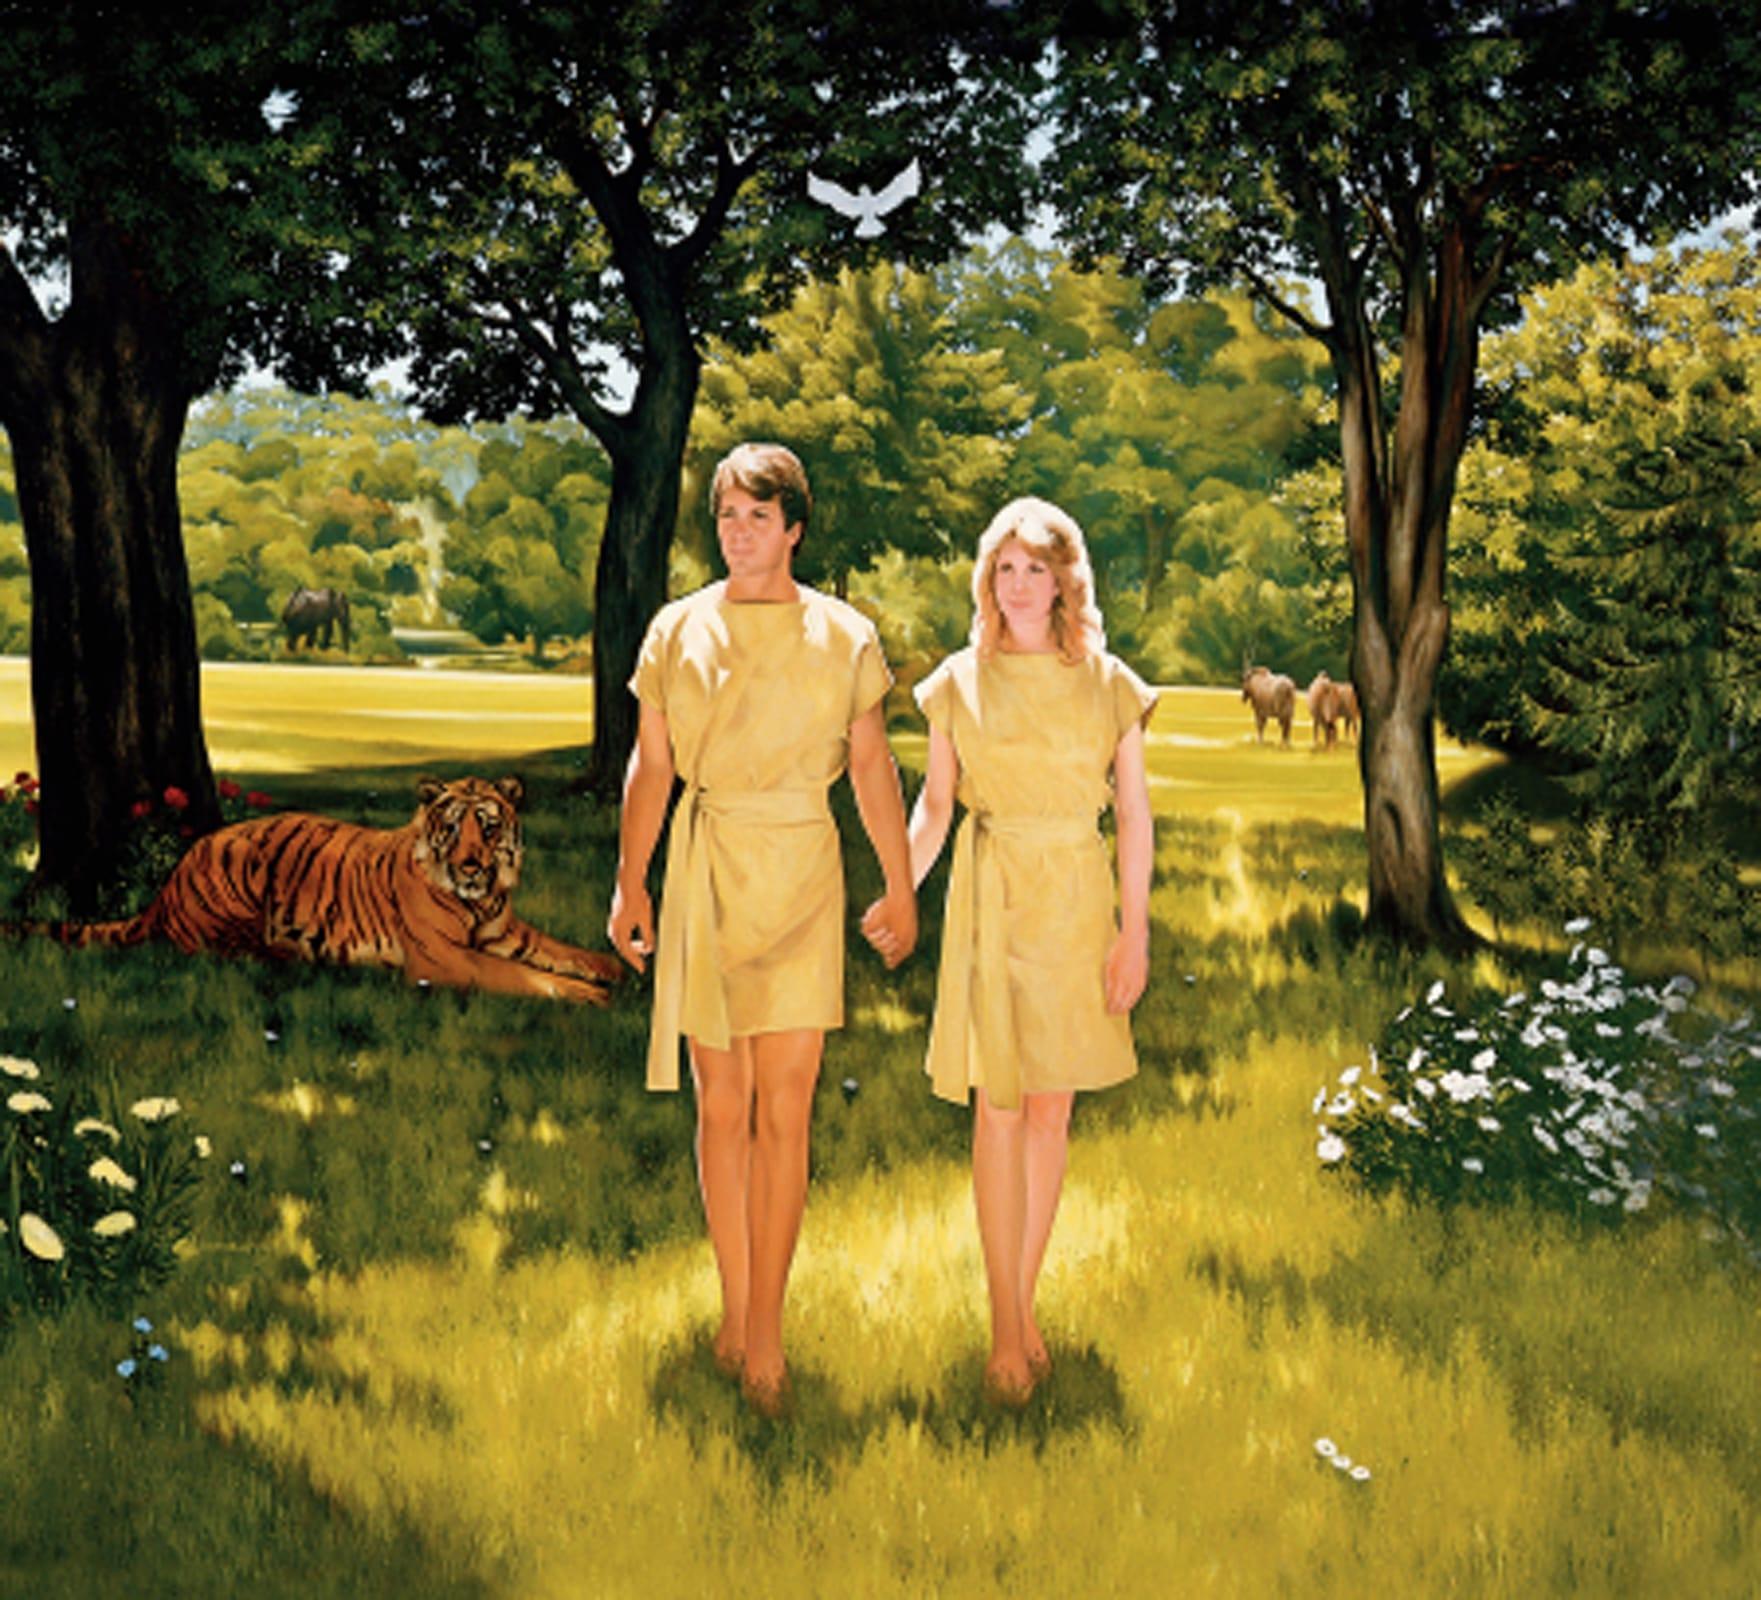 Havia relações sexuais entre os filhos de Adão e Eva?